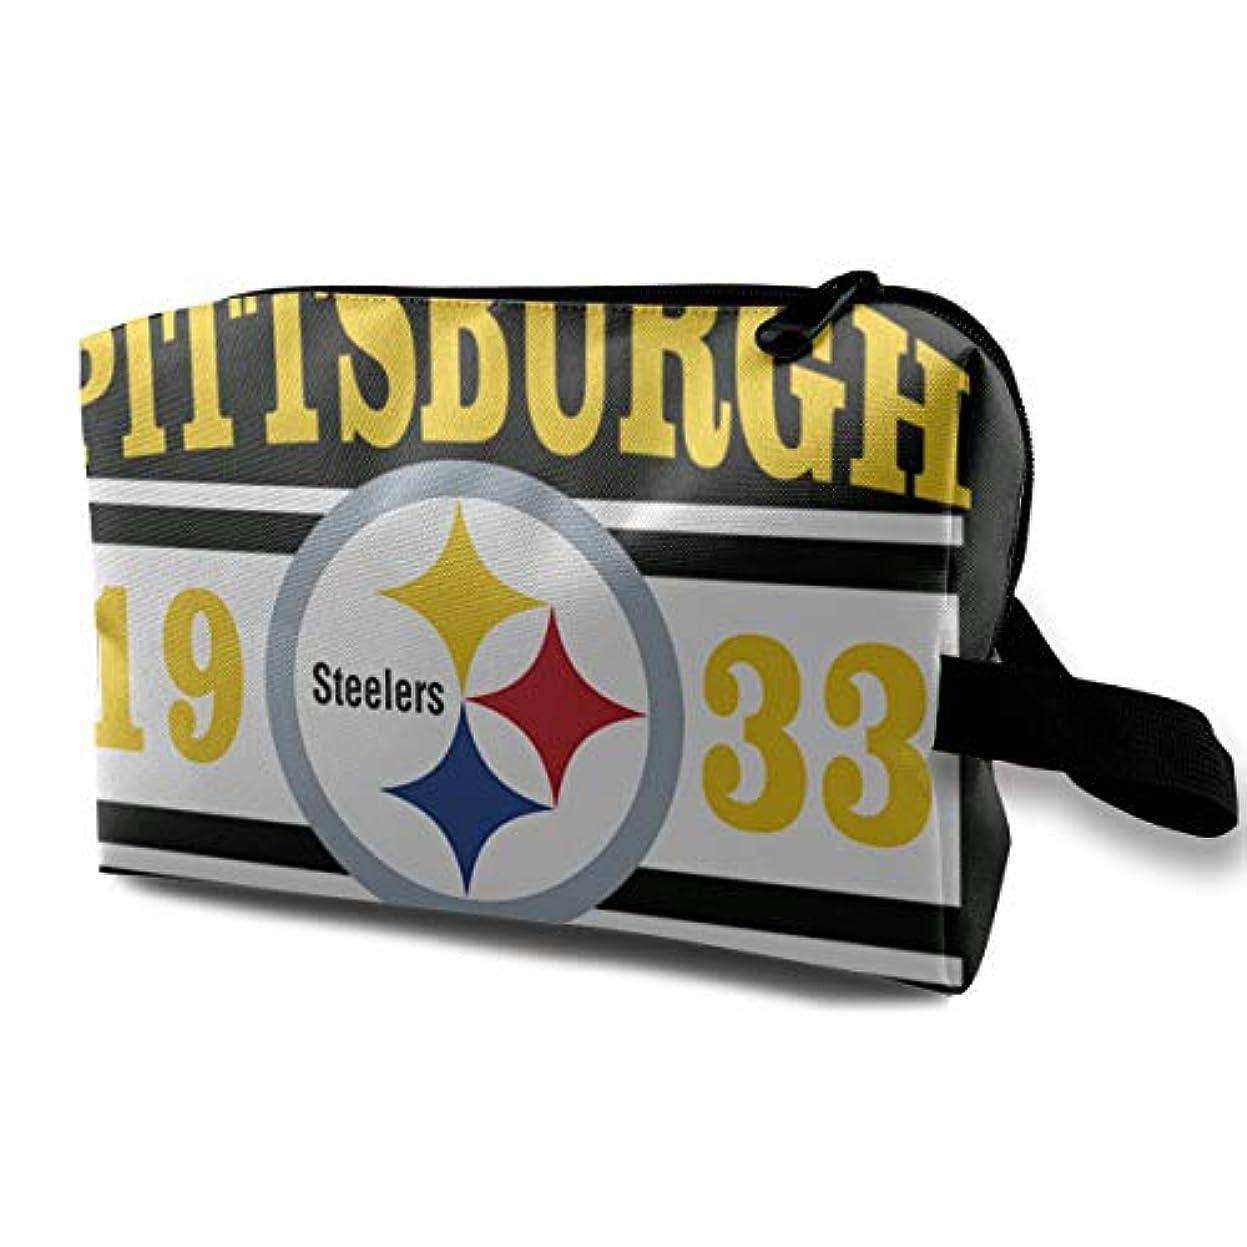 買い手ビュッフェタクシー化粧ポーチ、メイクボックス Pittsburgh Steeler 化粧ポーチ、旅行、家、持ち運びが簡単、ト化粧品、充電宝、電源コード、交換など、あらゆる種類の小物を旅行中に保管する